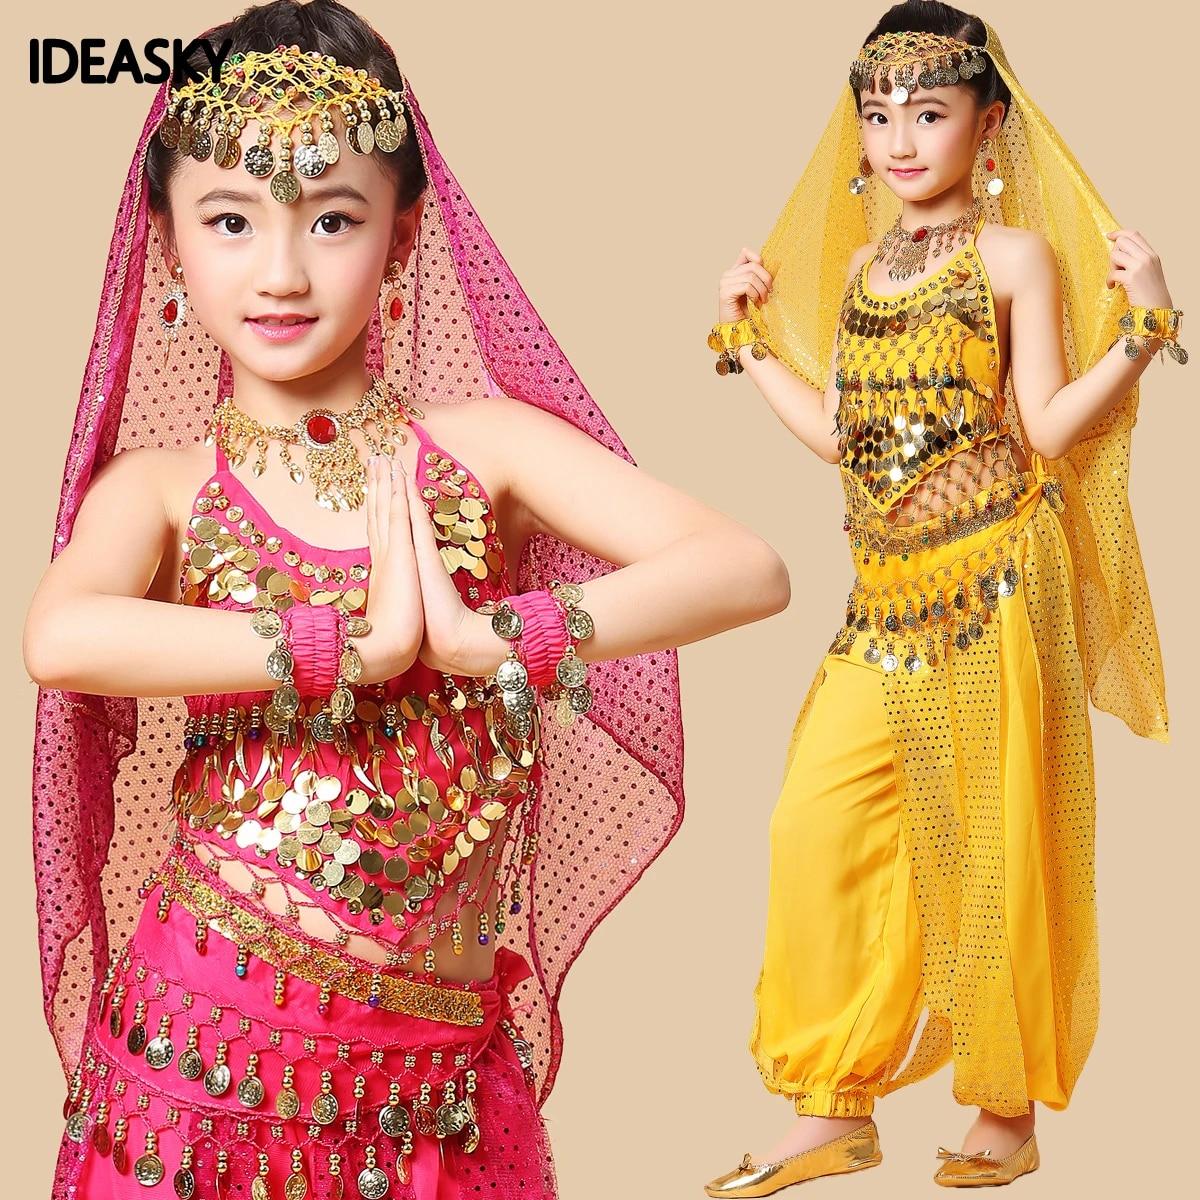 Kind Kinder Bollywood Indische Kleider Sari Fur Madchen Dance Kostume Top Hosen Kleid Bauchtanz Fur Verkauf Indische Kleidung Fur Kinder Dance Indian Indian Clothes For Kidsindian Clothes Aliexpress